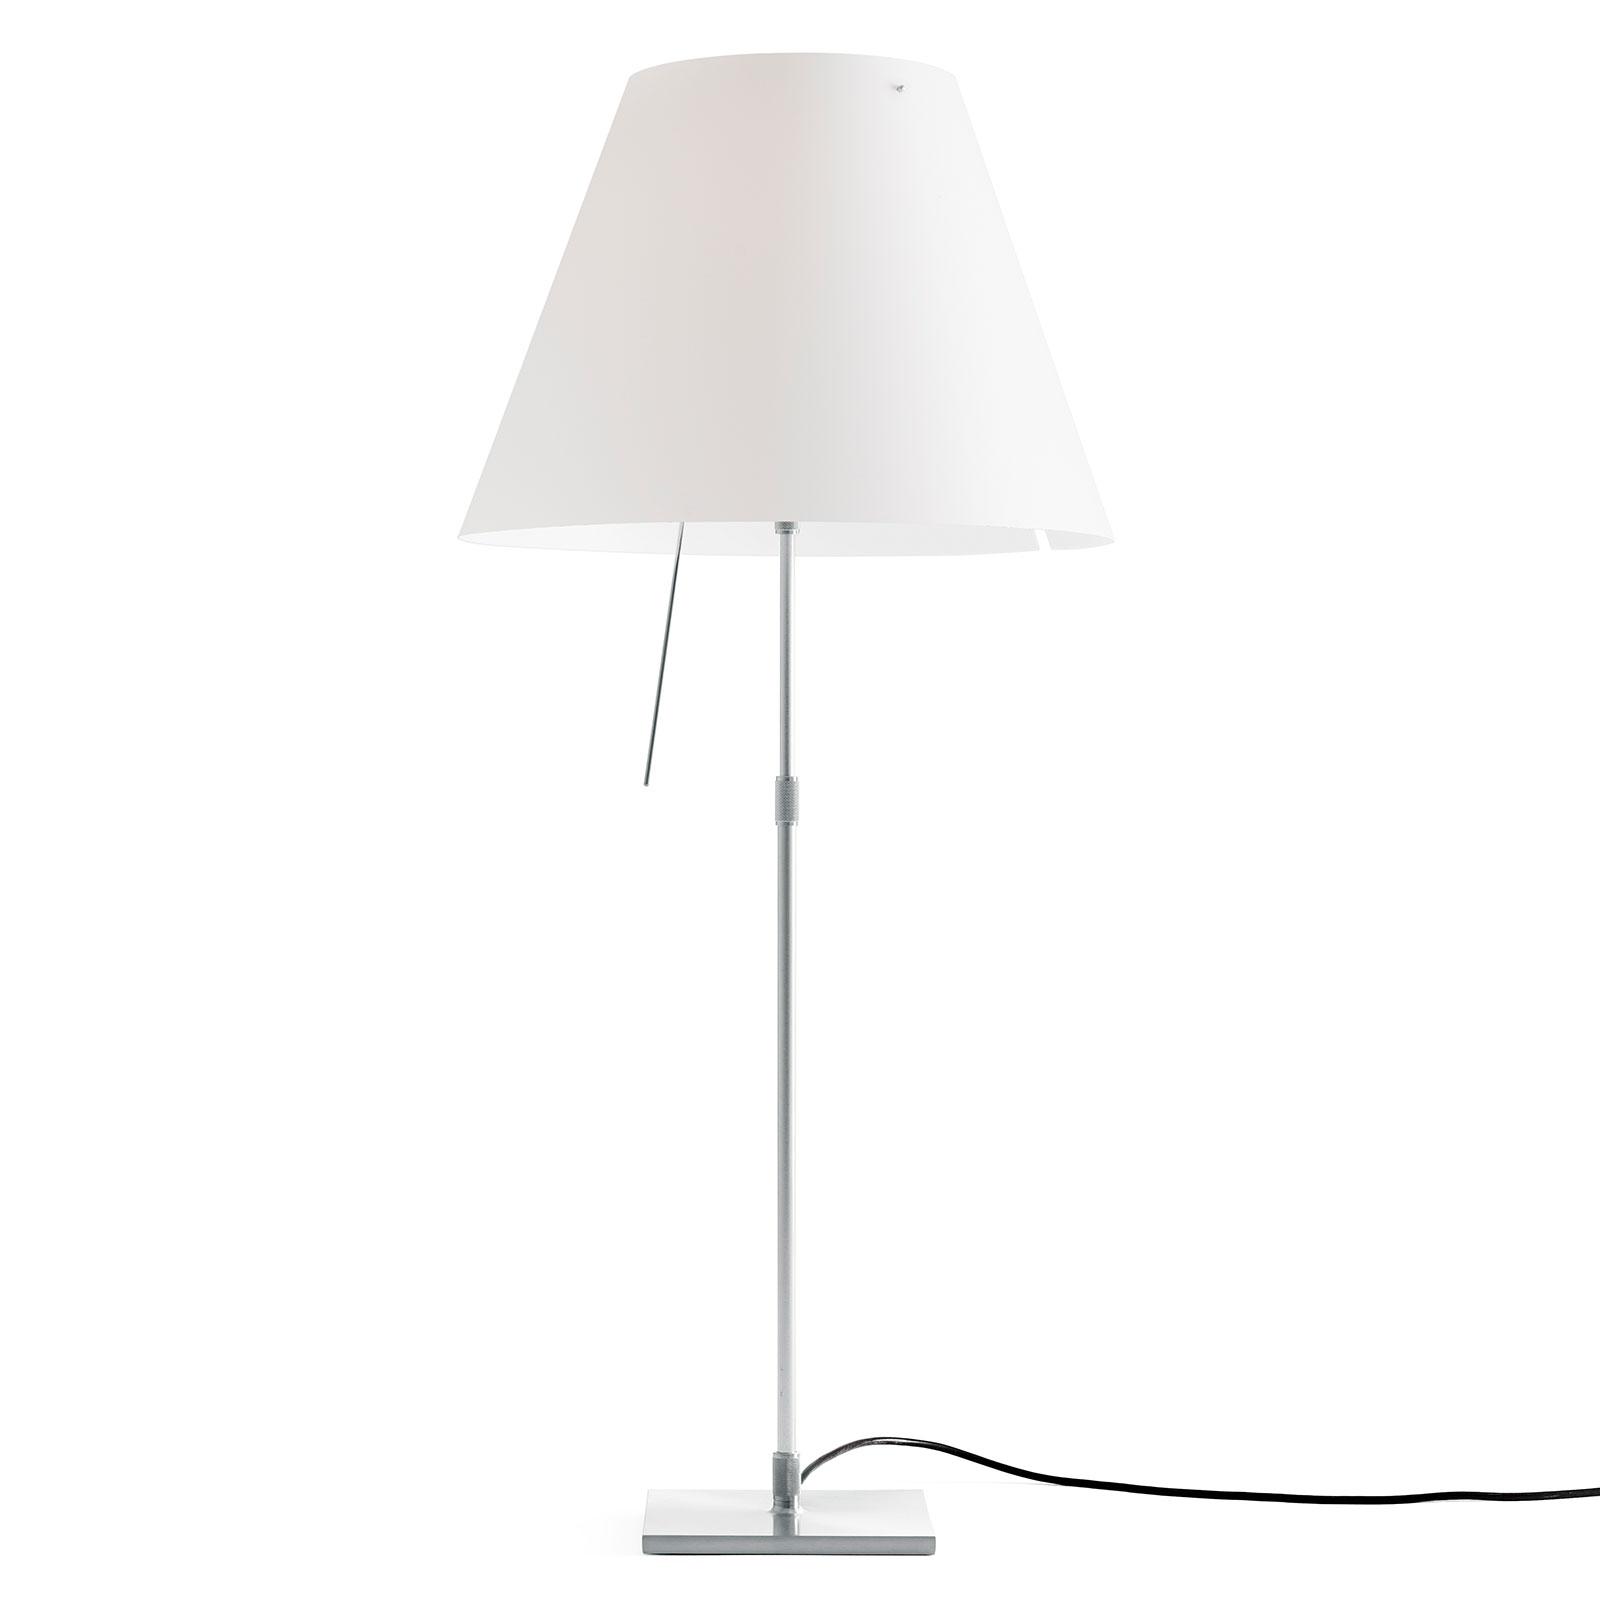 Luceplan Luceplan Costanza stolní lampa D13 hliník/bílá